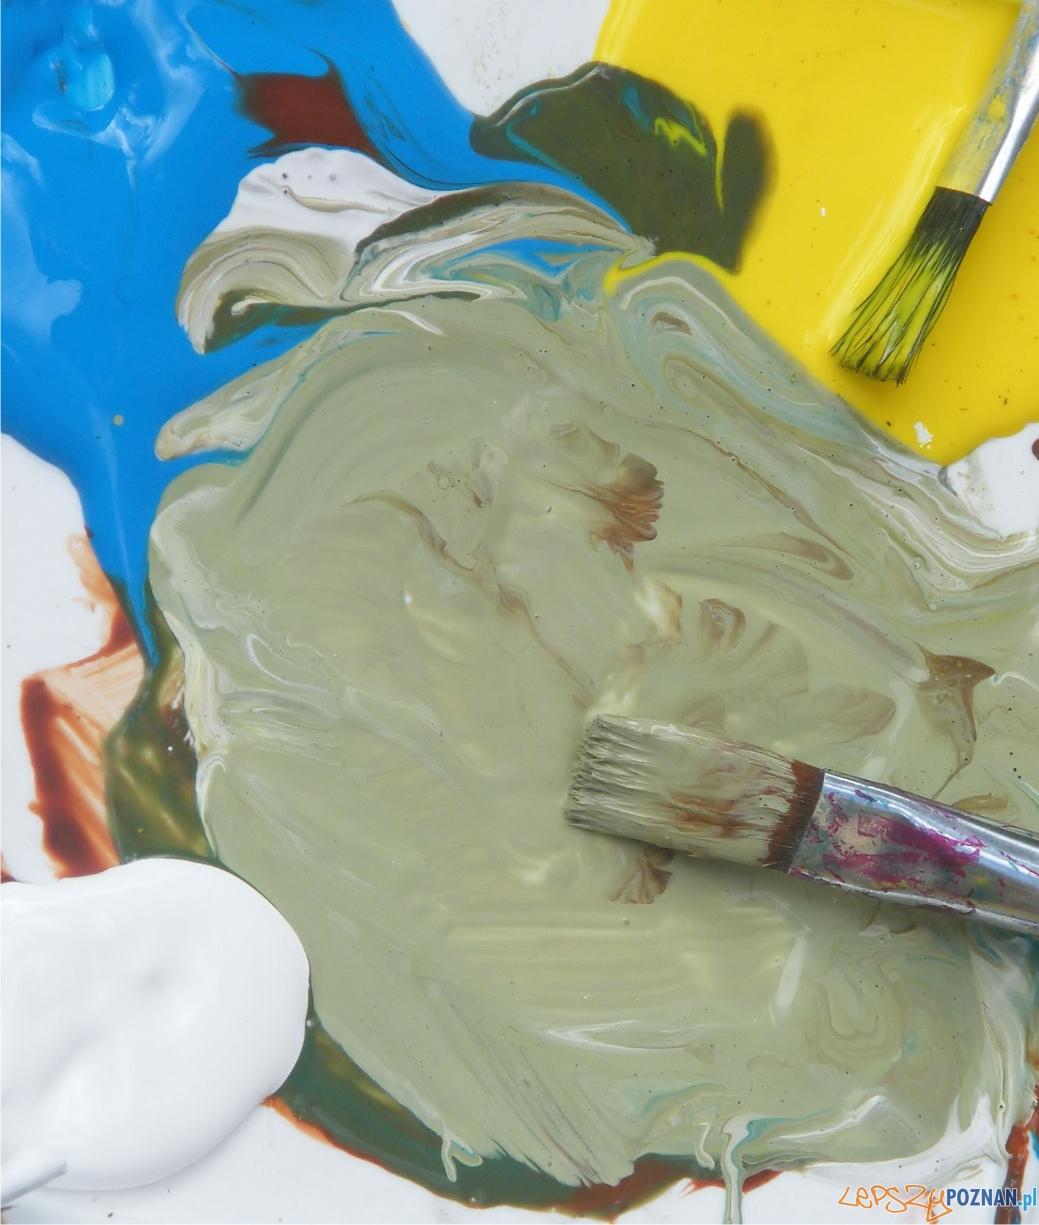 malowanie art  Foto: sxc